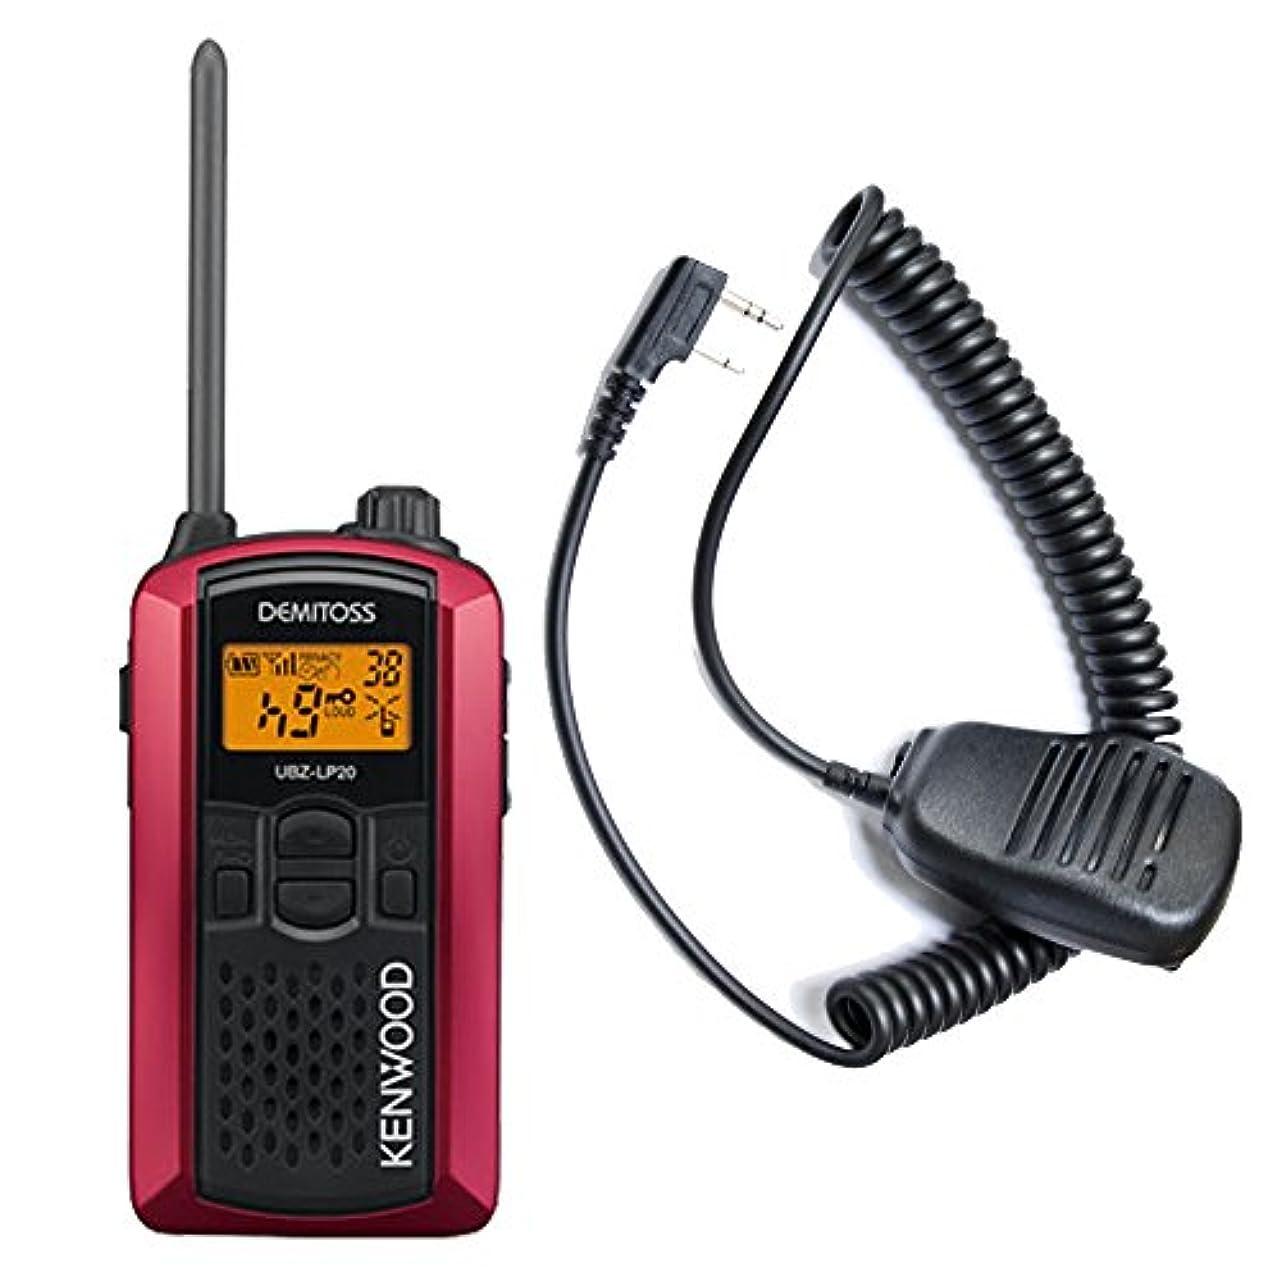 農業の田舎者九ケンウッド(KENWOOD) 特定小電力トランシーバー DEMITOS UBZ-LP20 レッド + 対応スピーカーフォン K006 セット